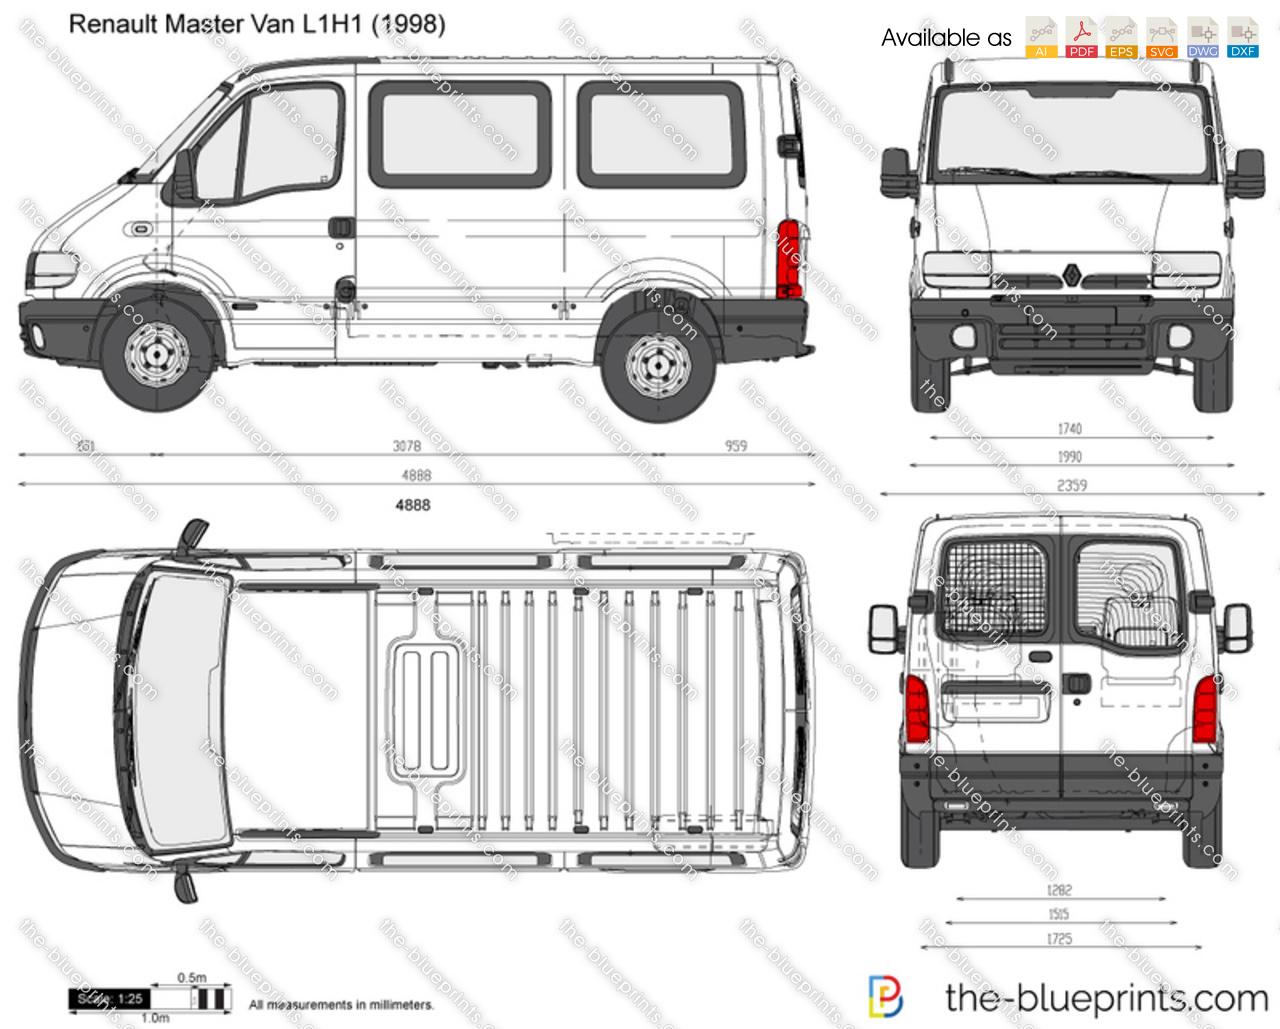 Renault Trafic Van Dimensions Nike Air Le Presto Des